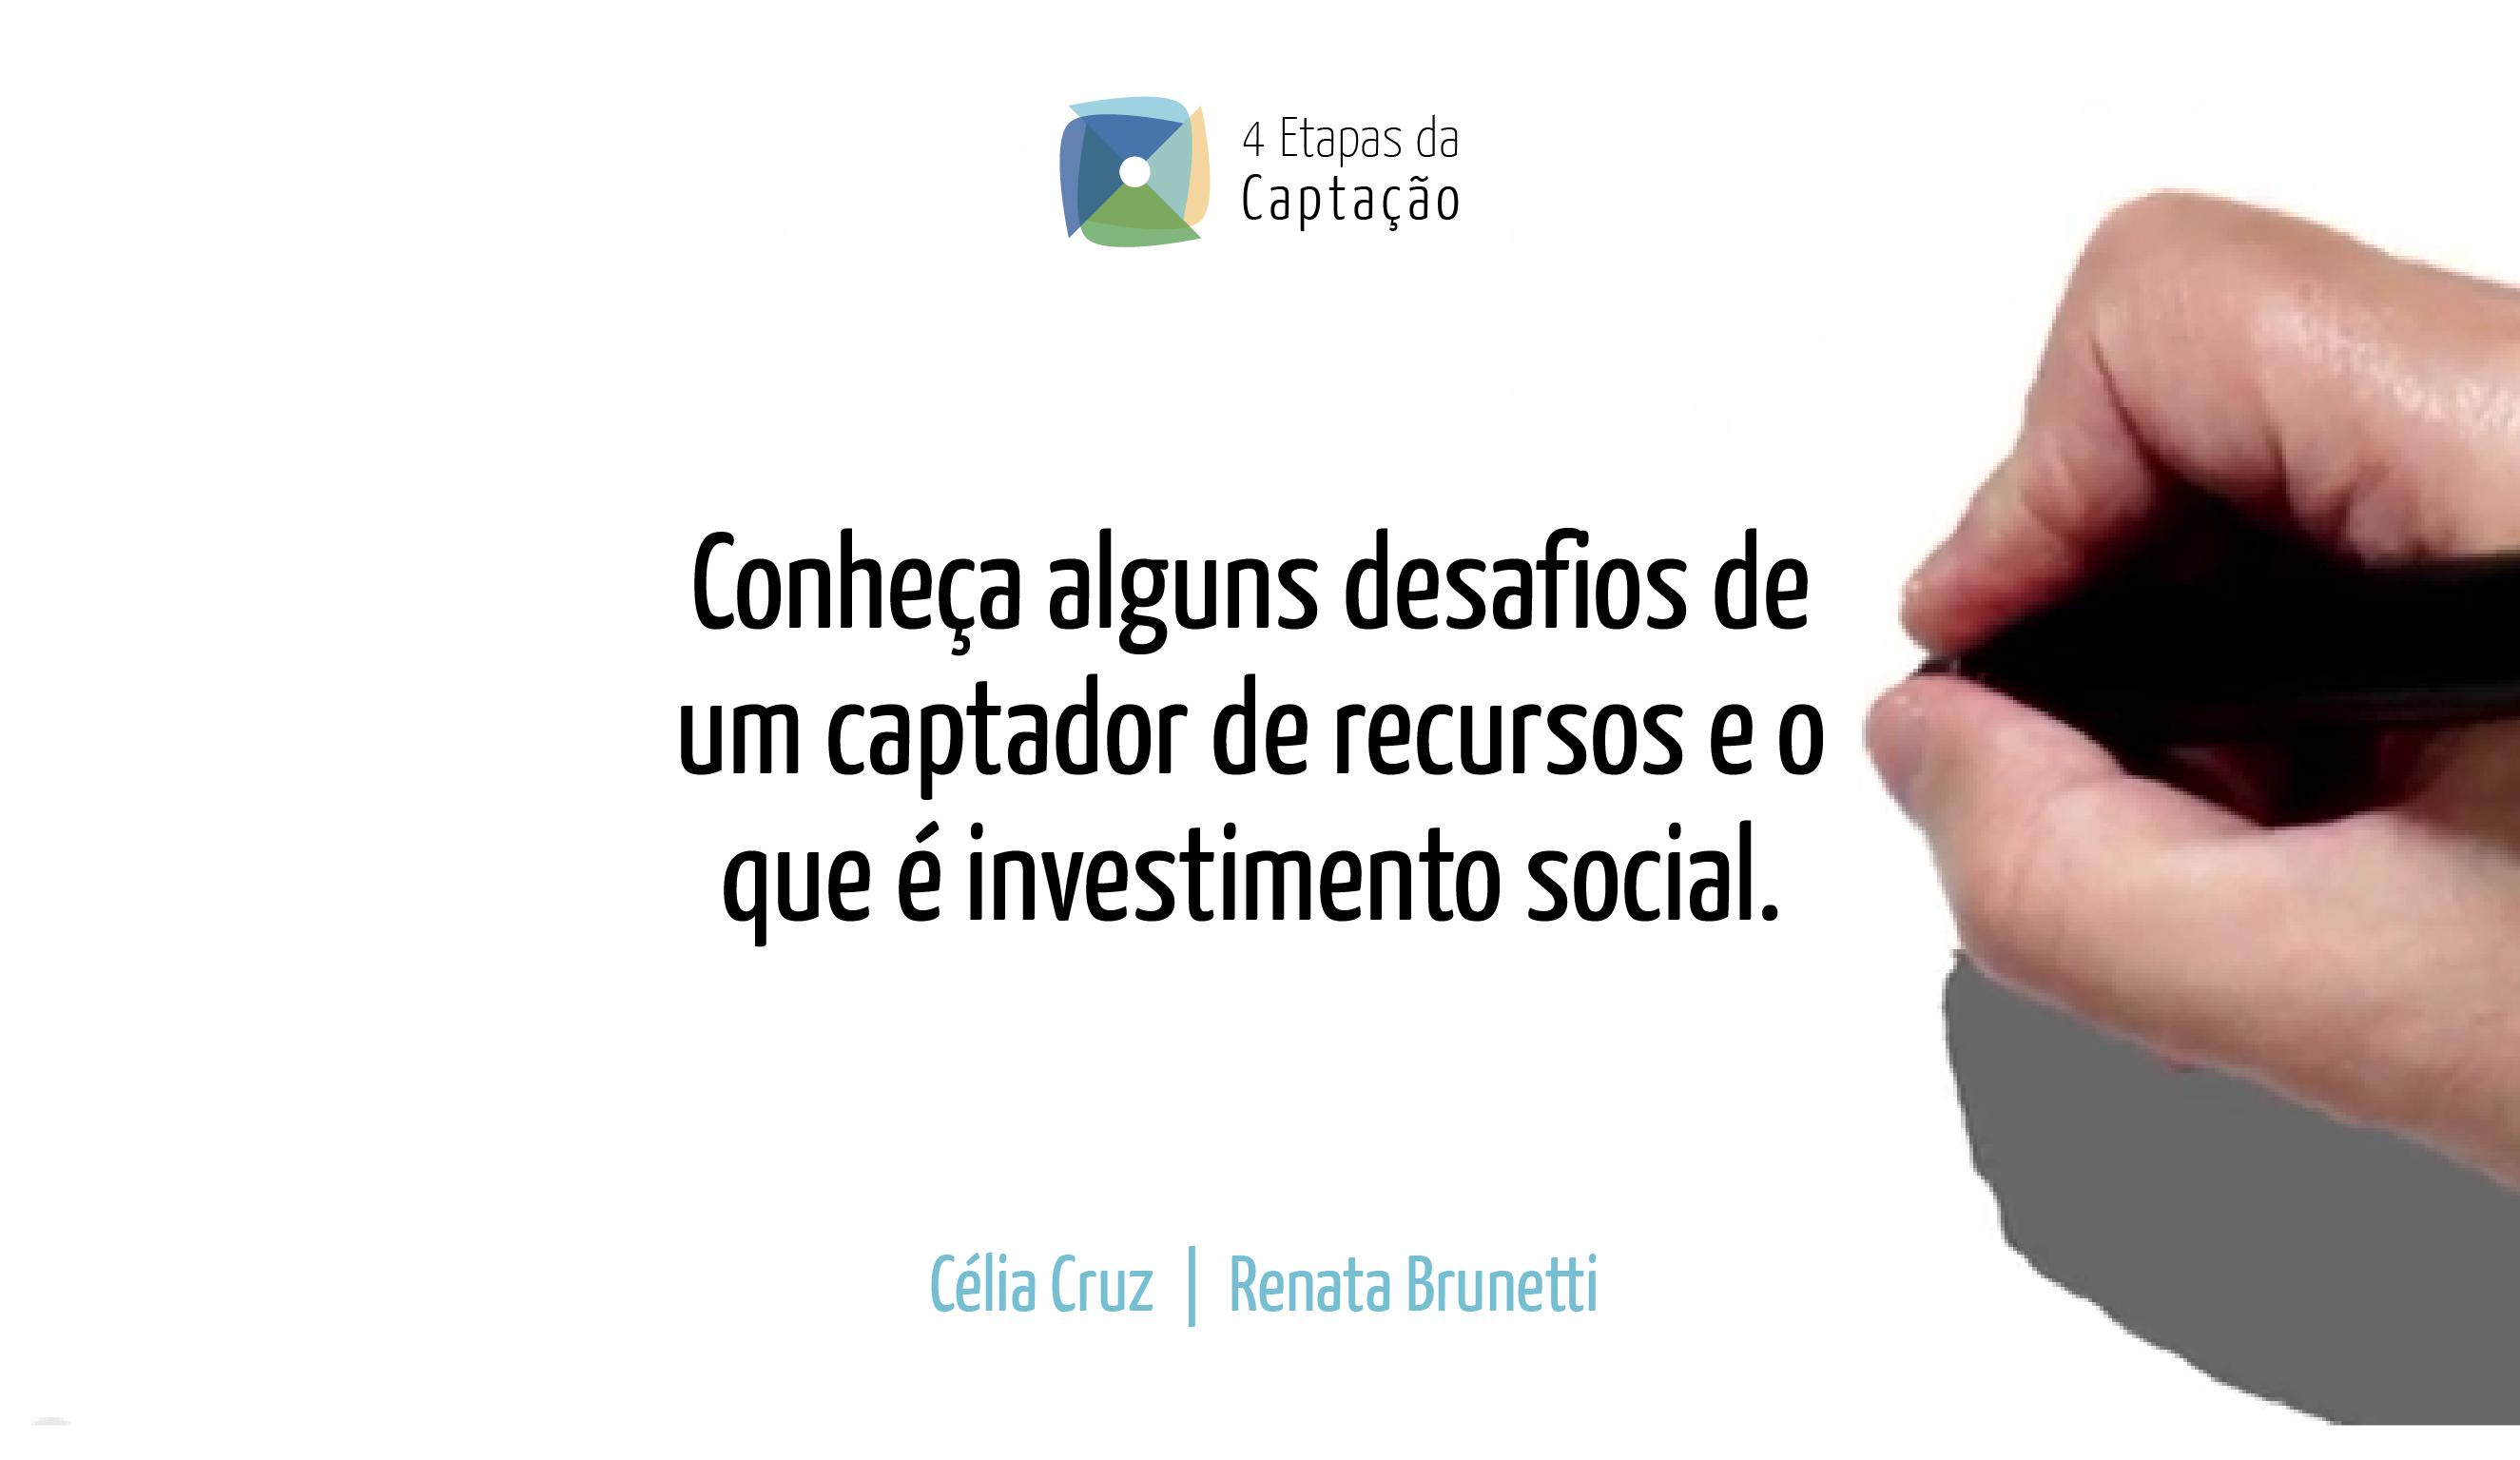 Conheca alguns desafios de um captador de recursos e o que e investimento social